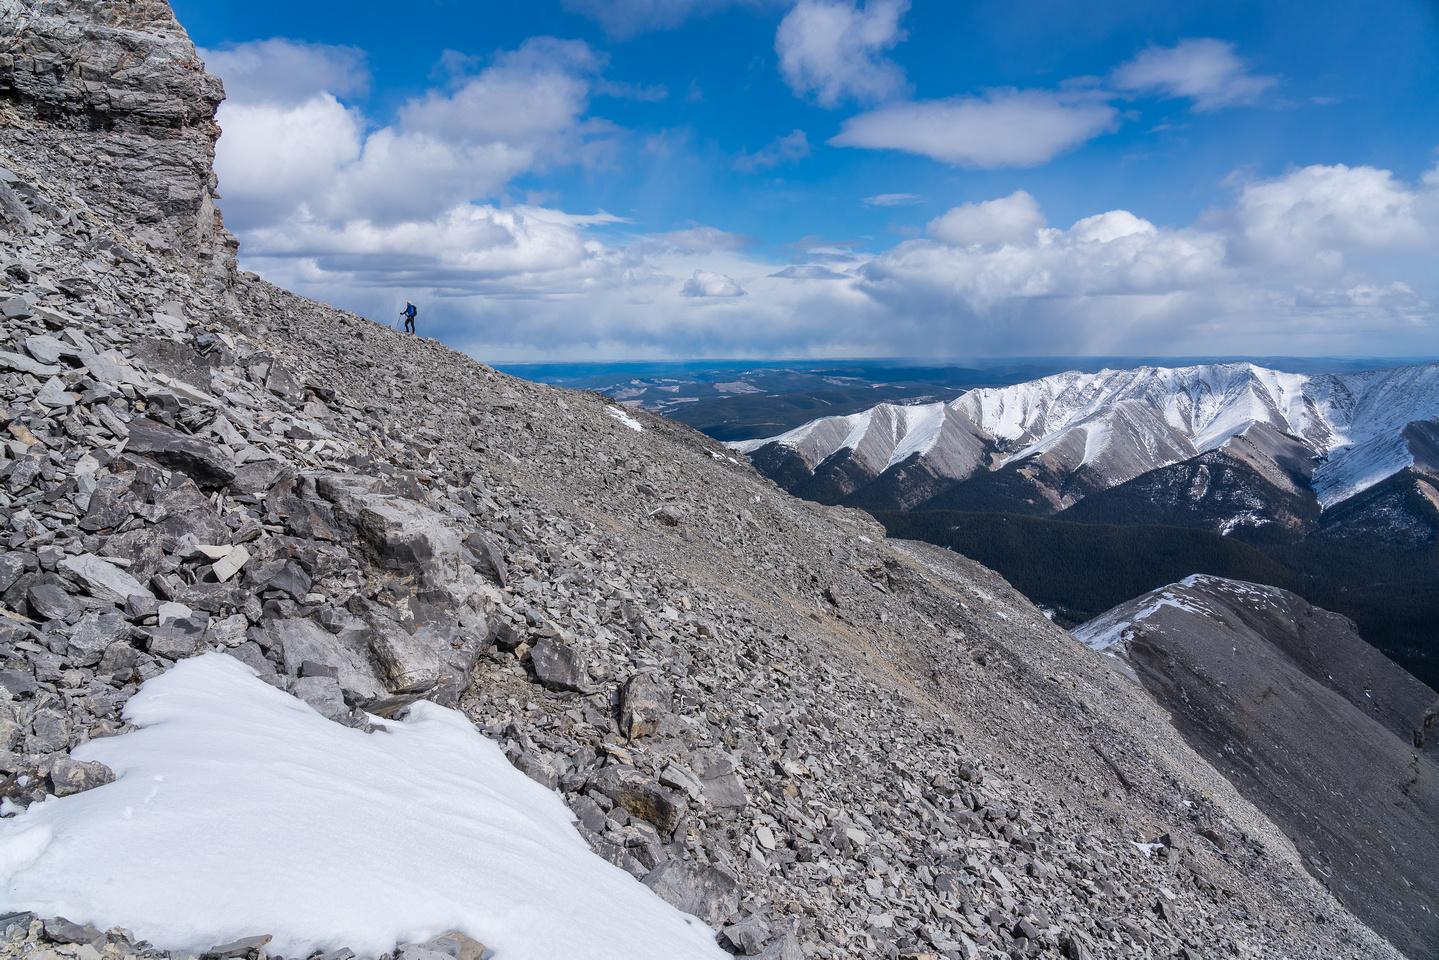 Reascending the ledge to the SE ridge.